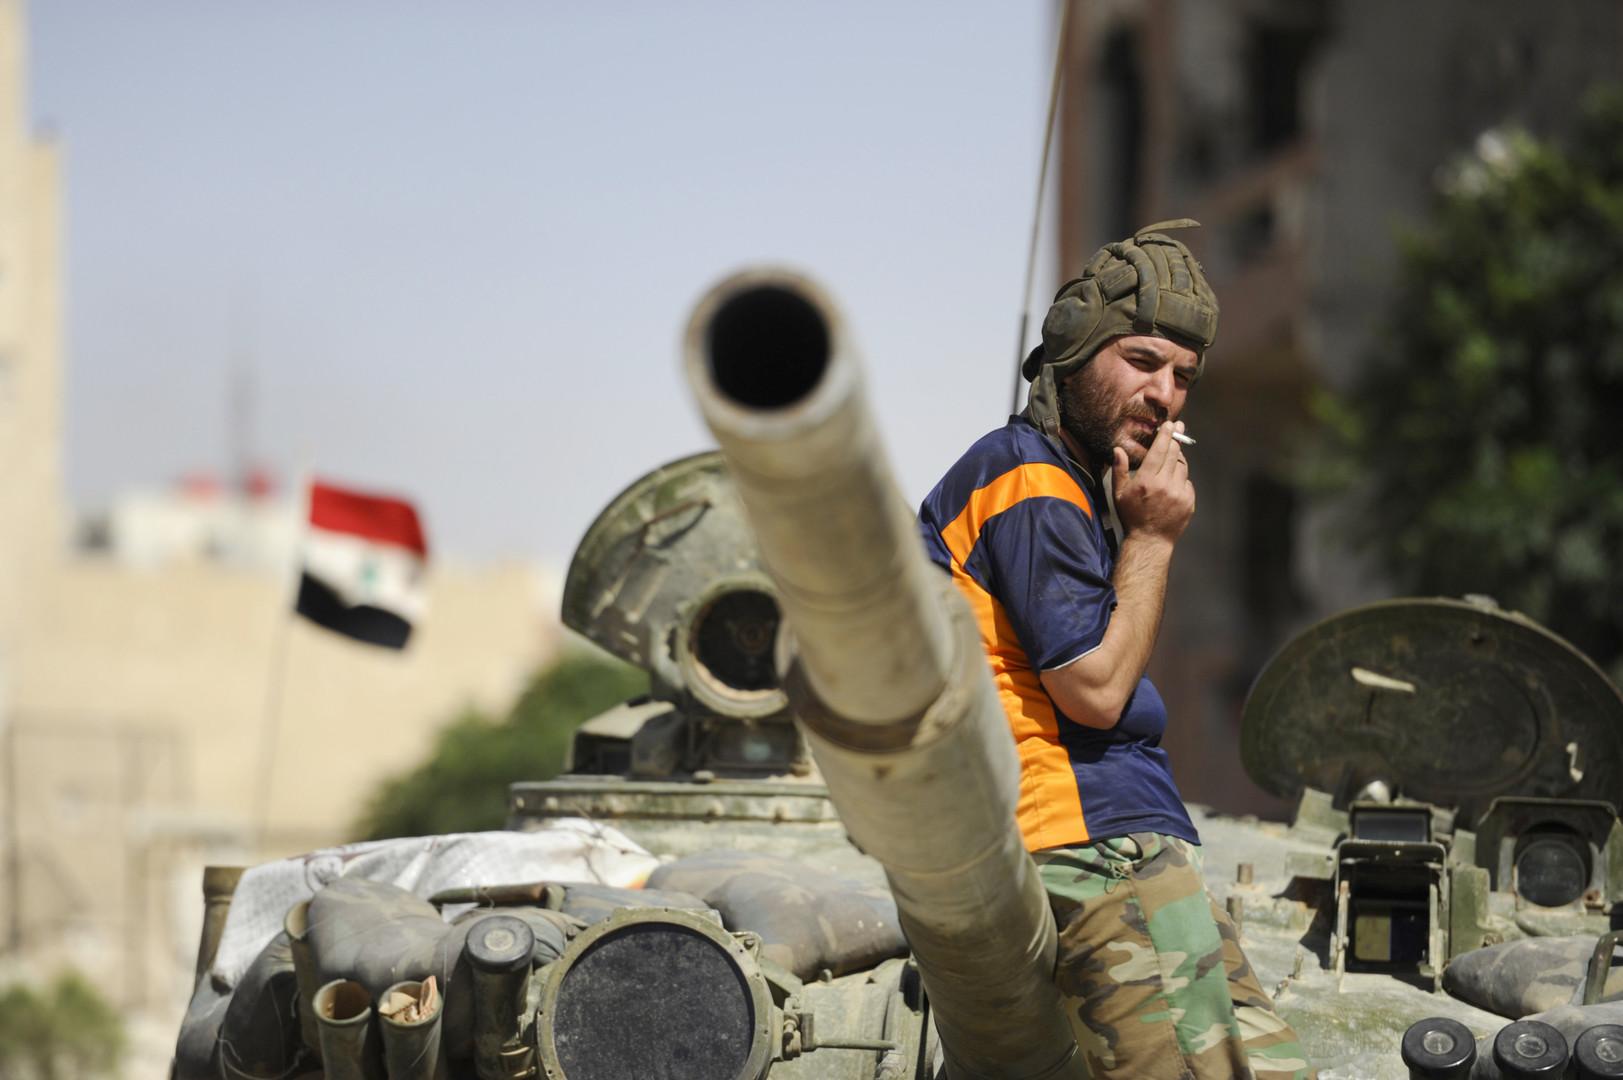 بعد استعادة خان شيخون.. الجيش السوري يحشد قواته في إدلب استعدادا لمواصلة التقدم